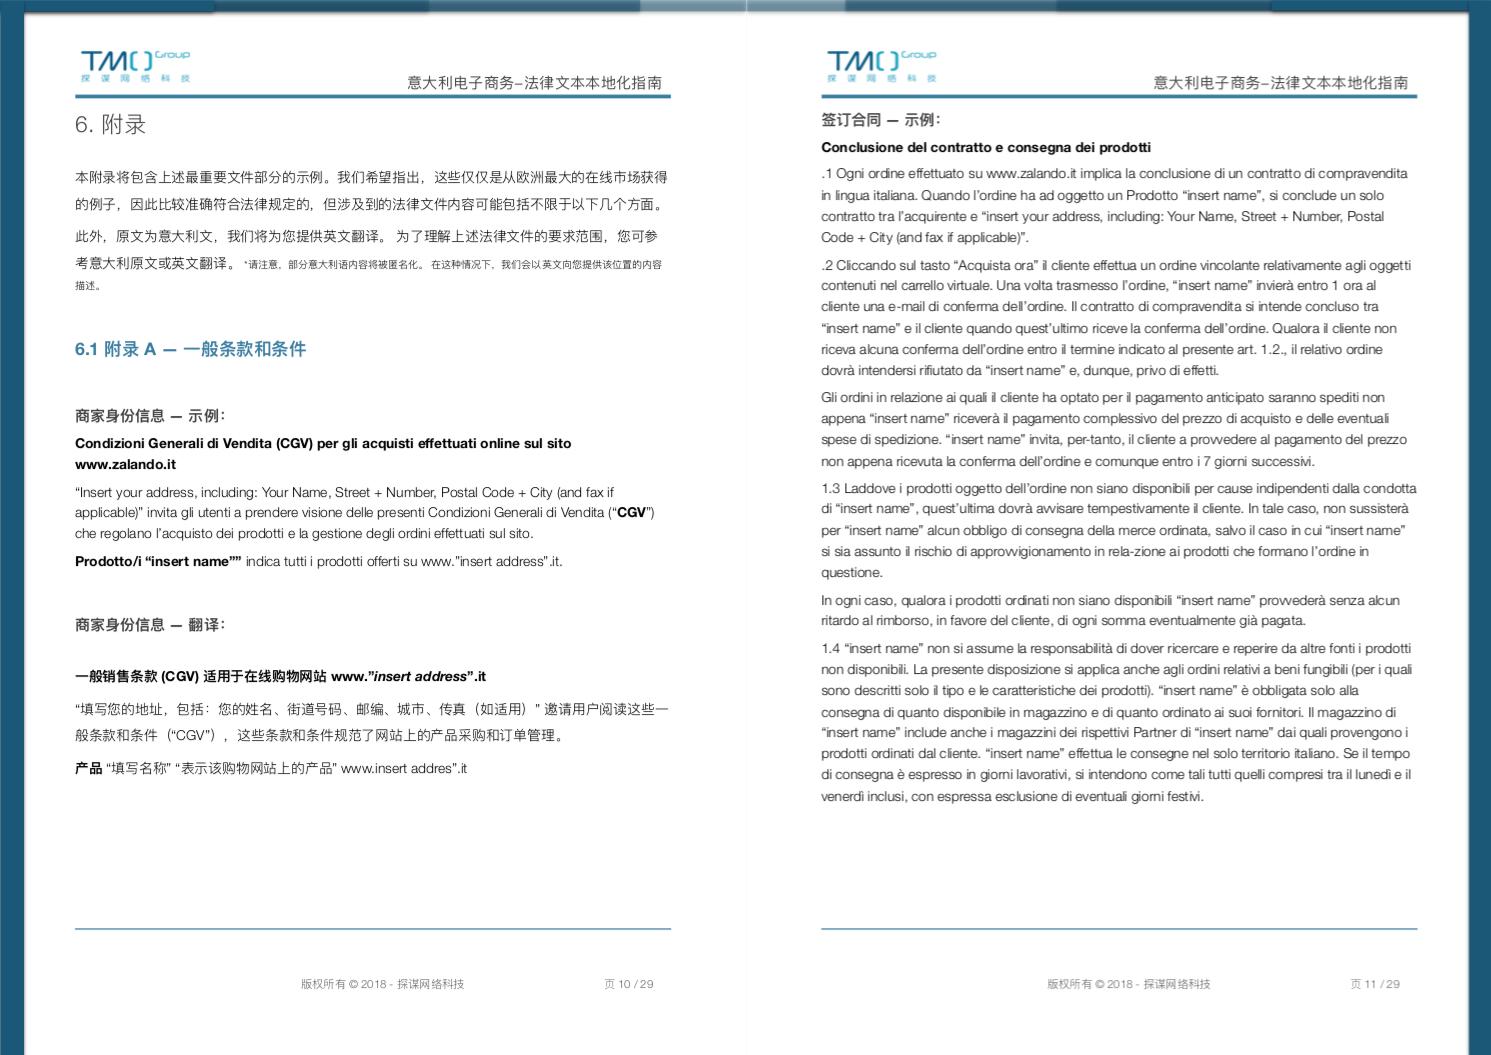 意⼤利电⼦商务法律文本本地化指南